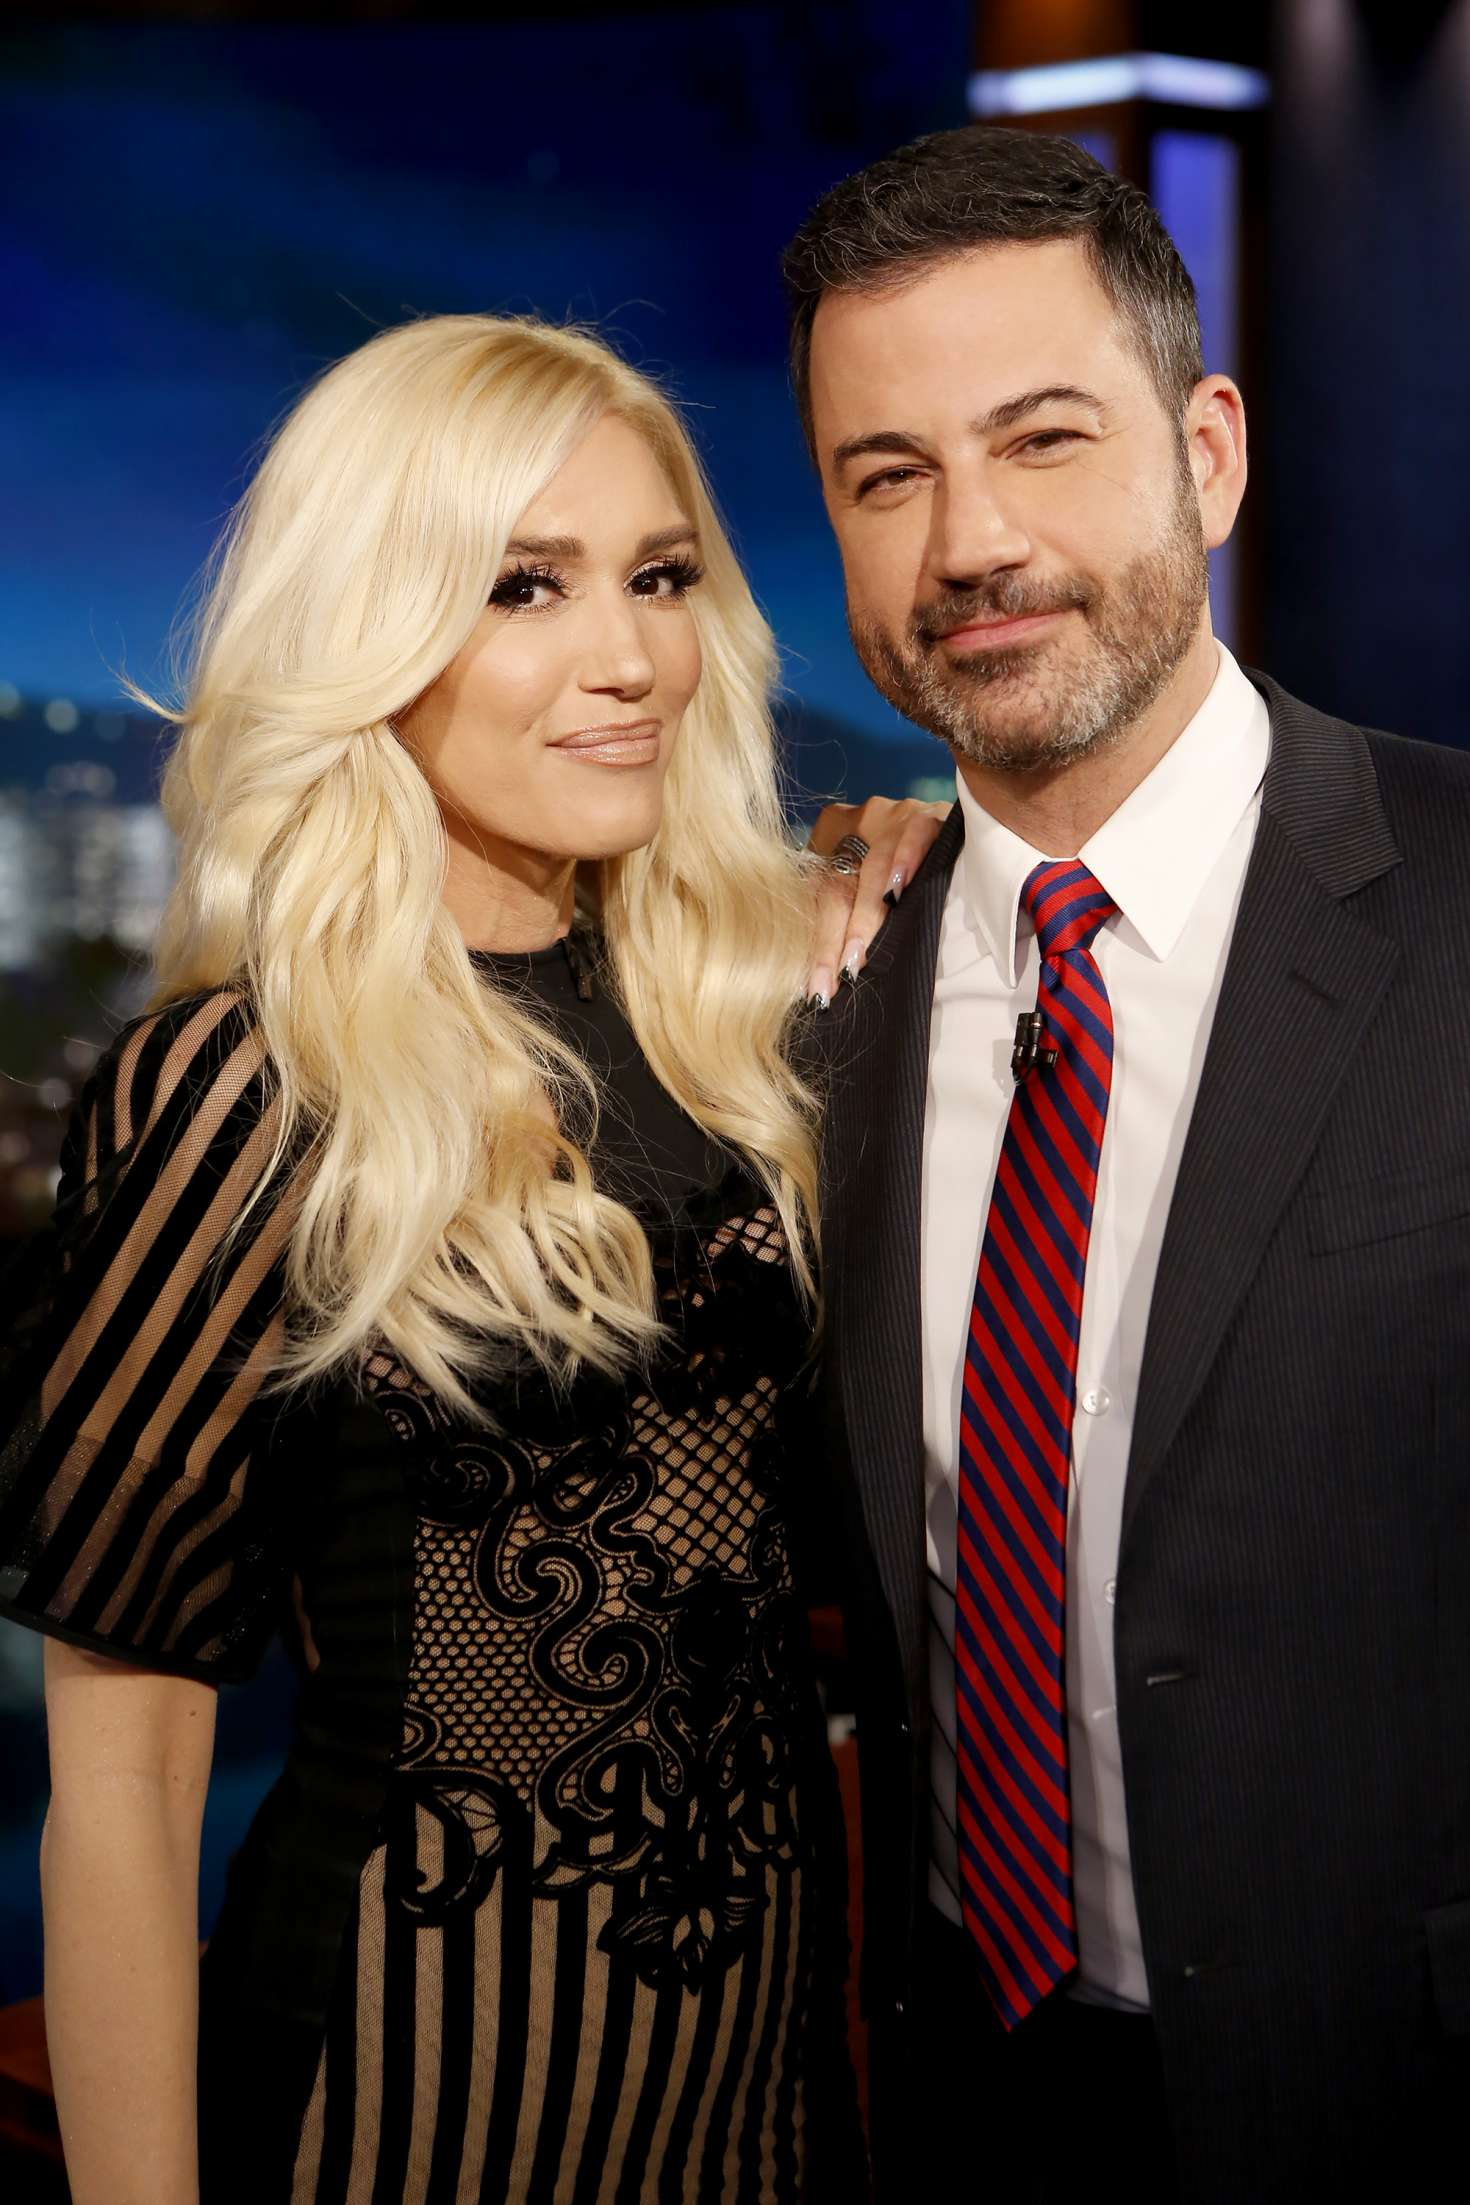 Gwen Stefani 2018 : Gwen Stefani at Jimmy Kimmel Live -05